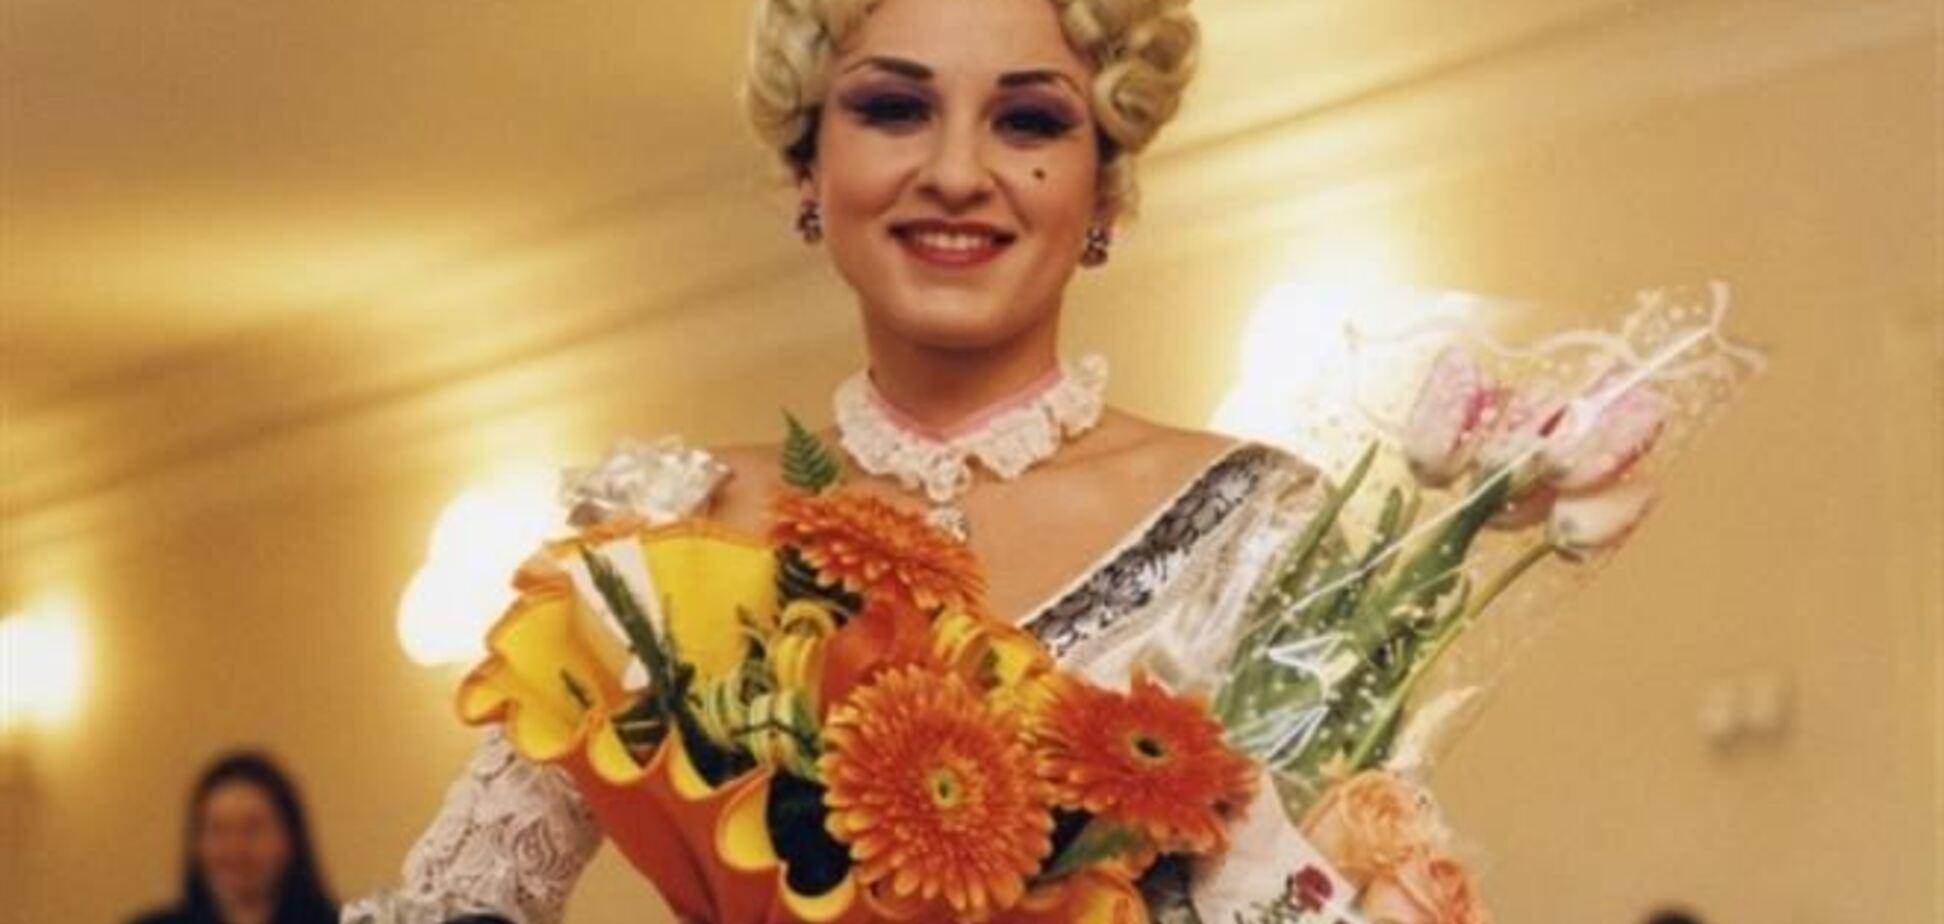 На солистку Национальной оперы завели дело за 'быдло'